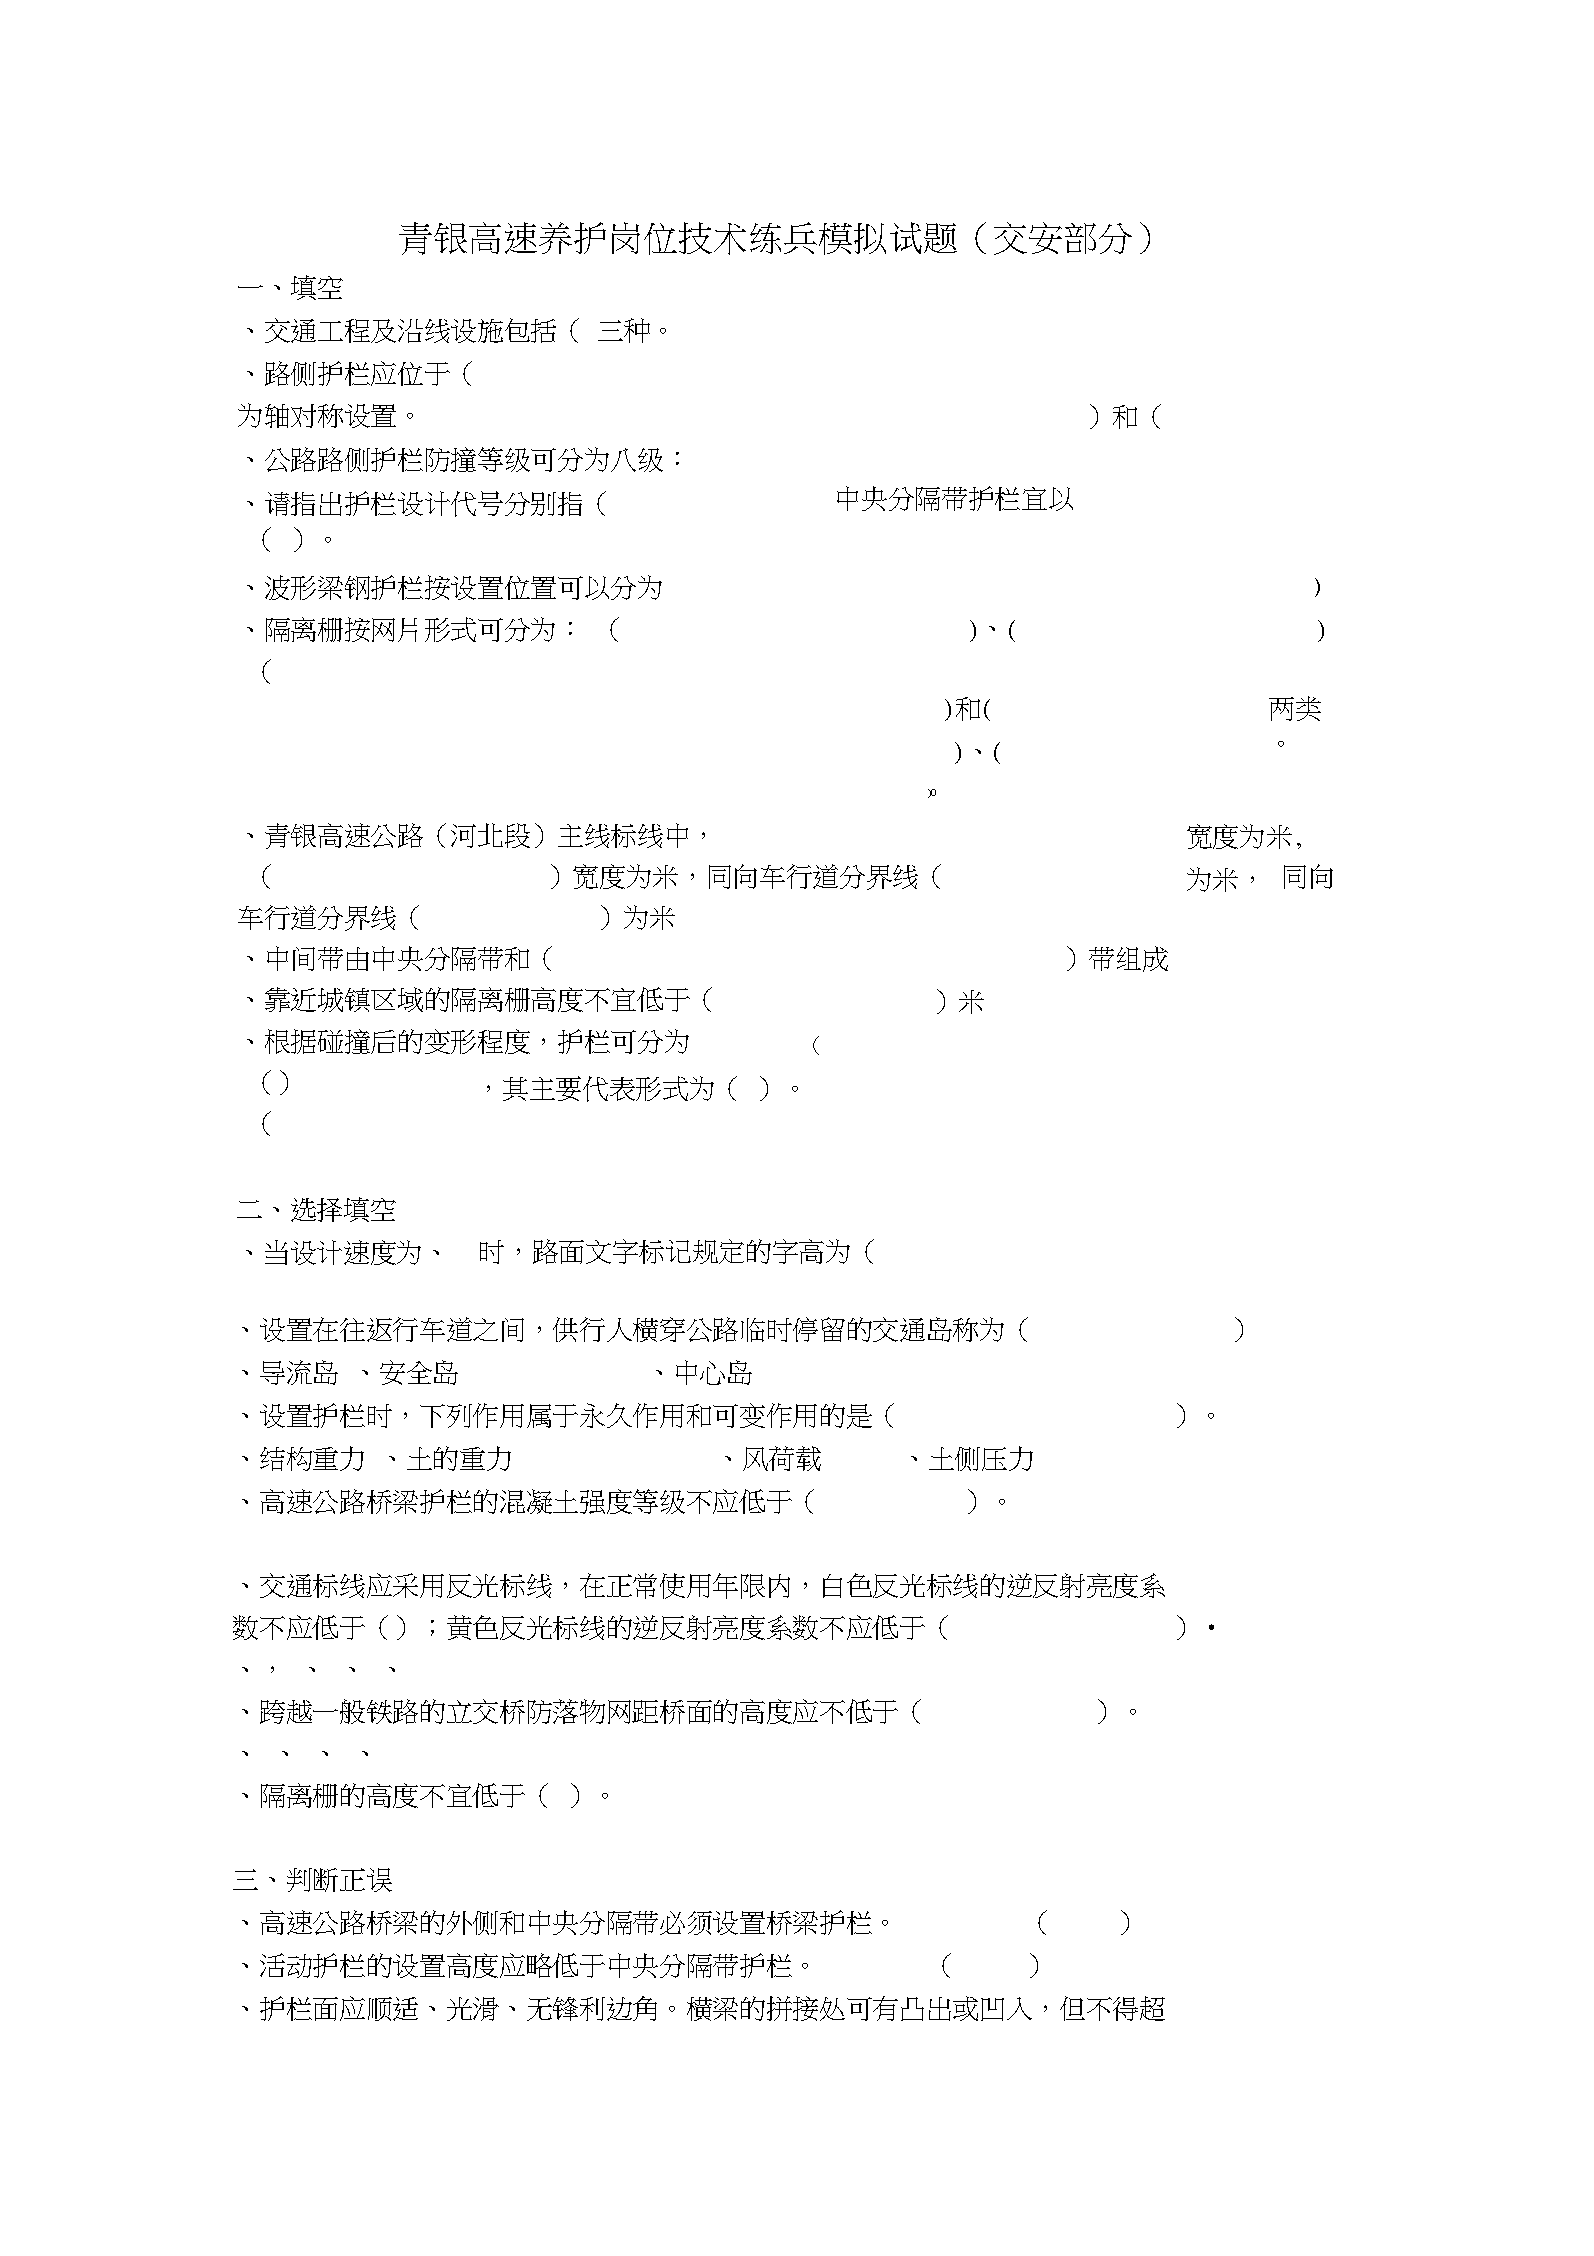 青银高速养护岗位技术练兵模拟试题(交安部分).docx